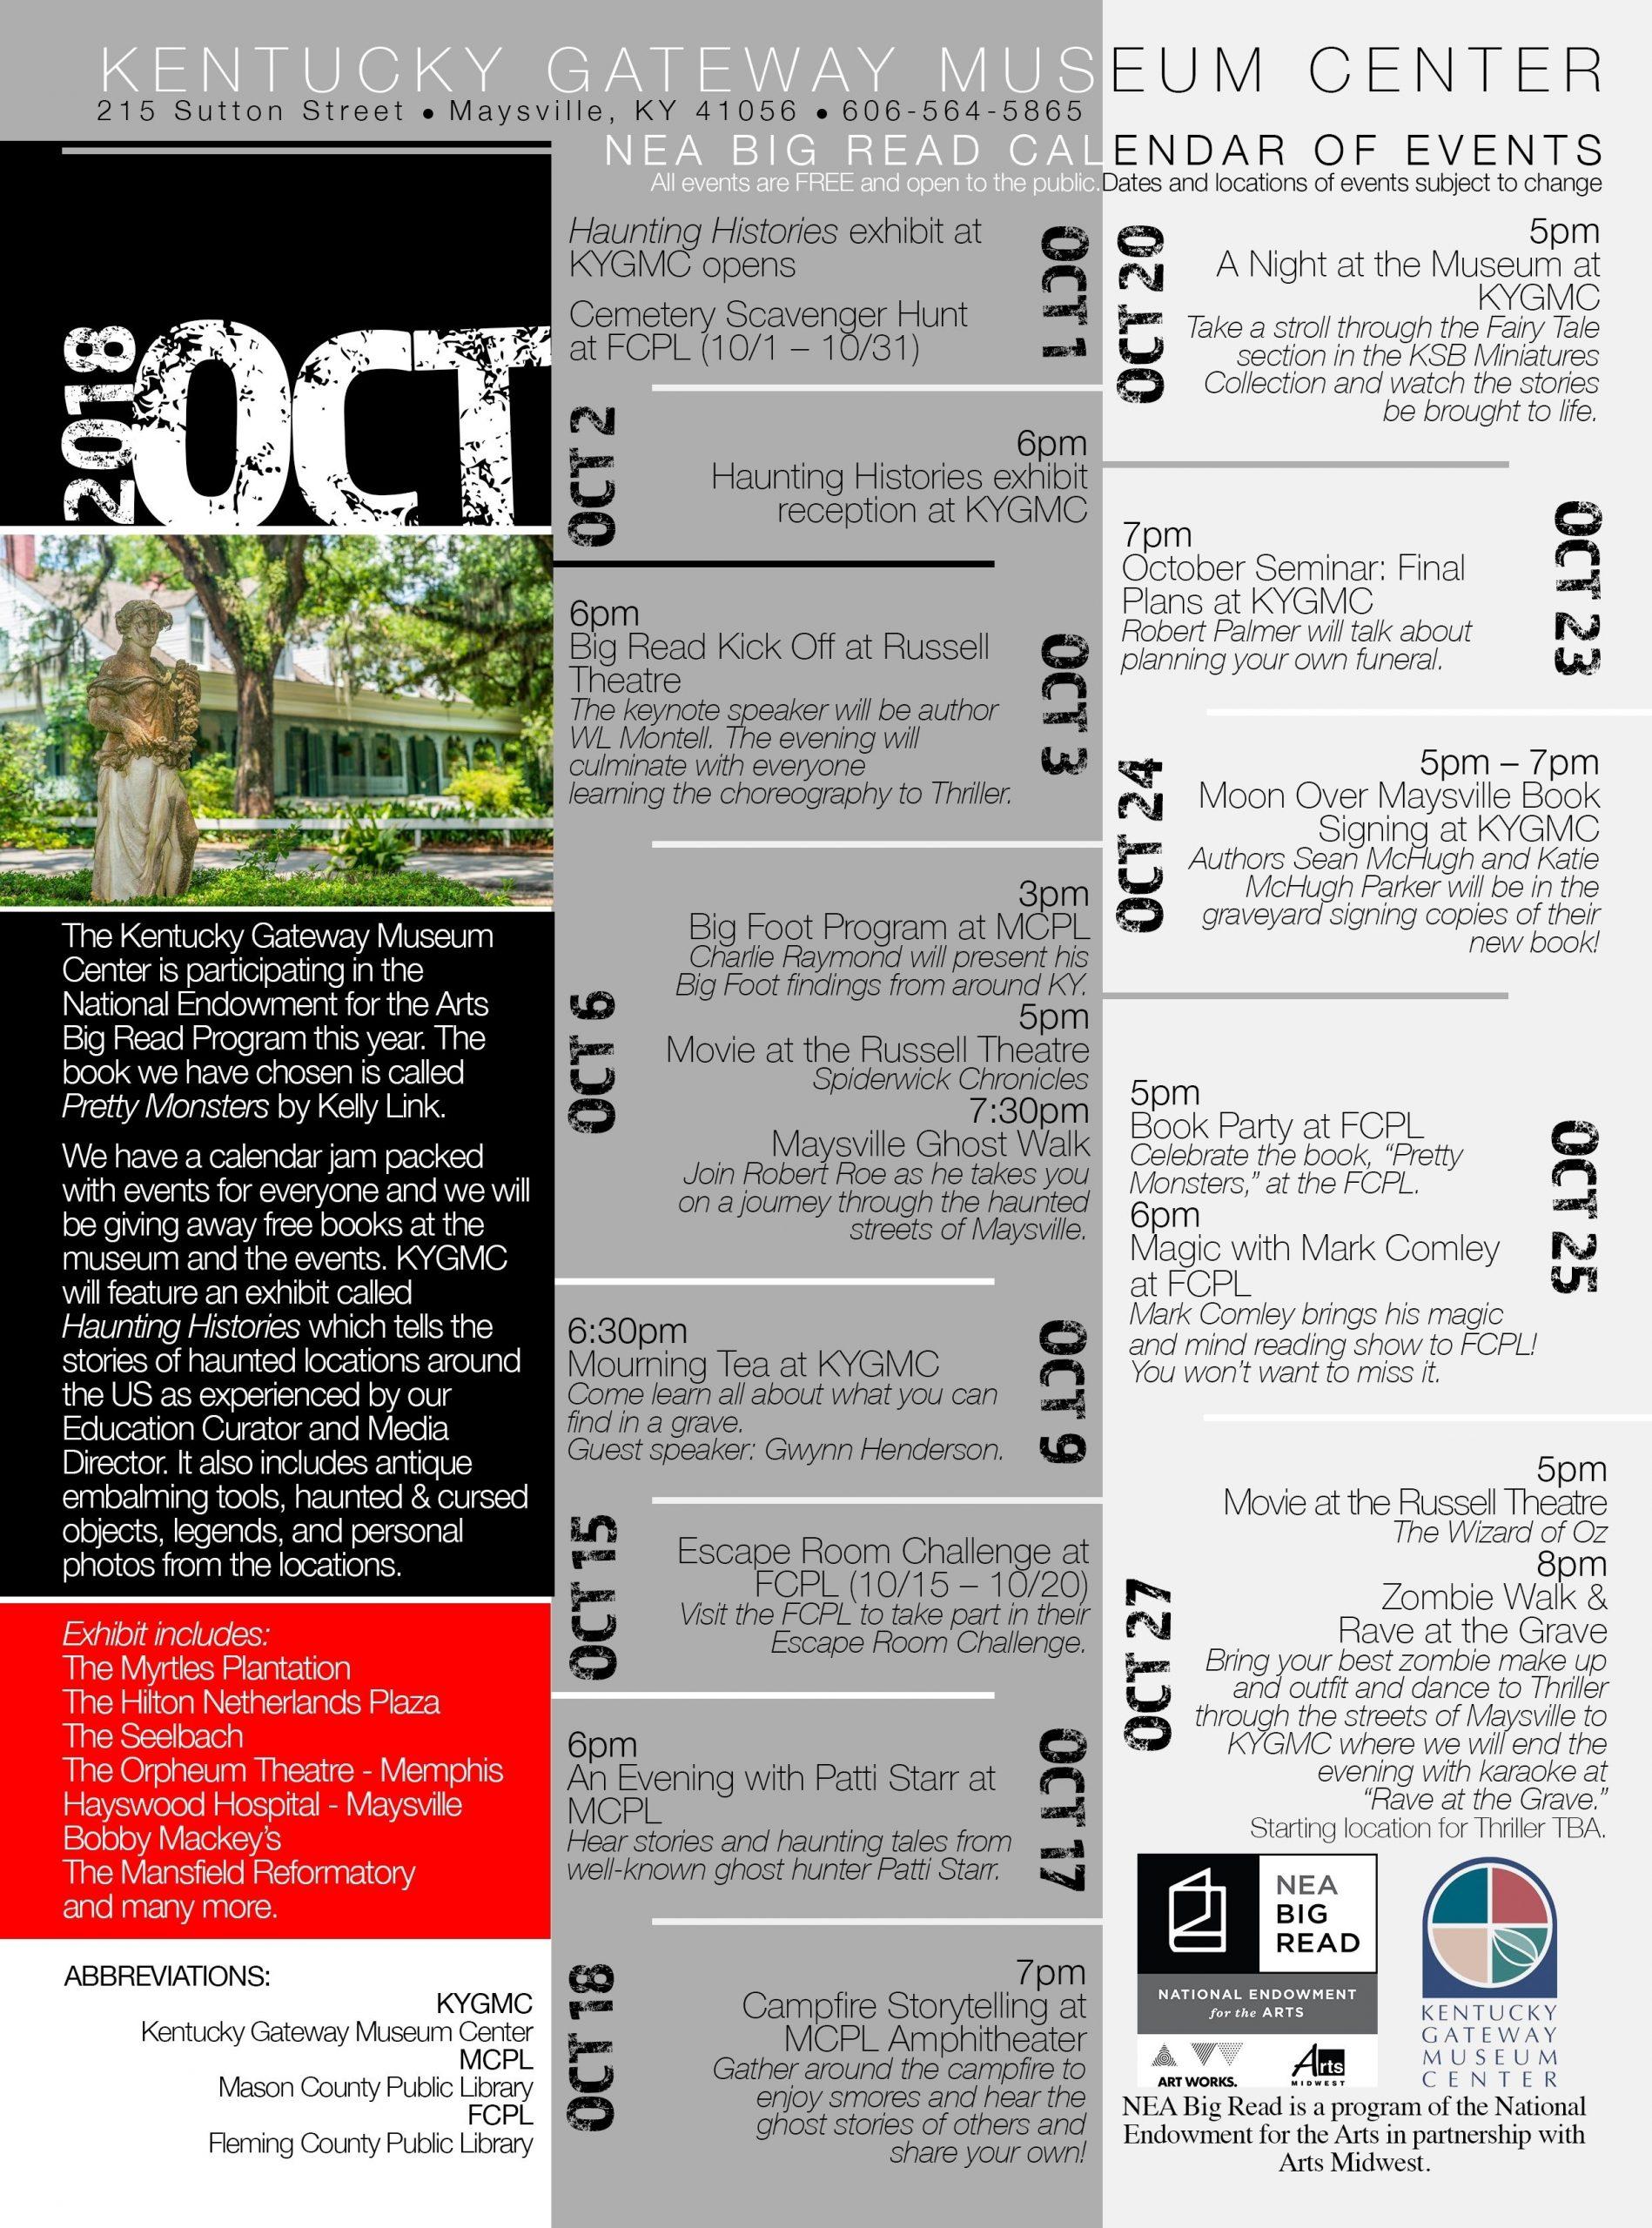 Nea Big Read Calendar For The Kentucky Gateway Museum